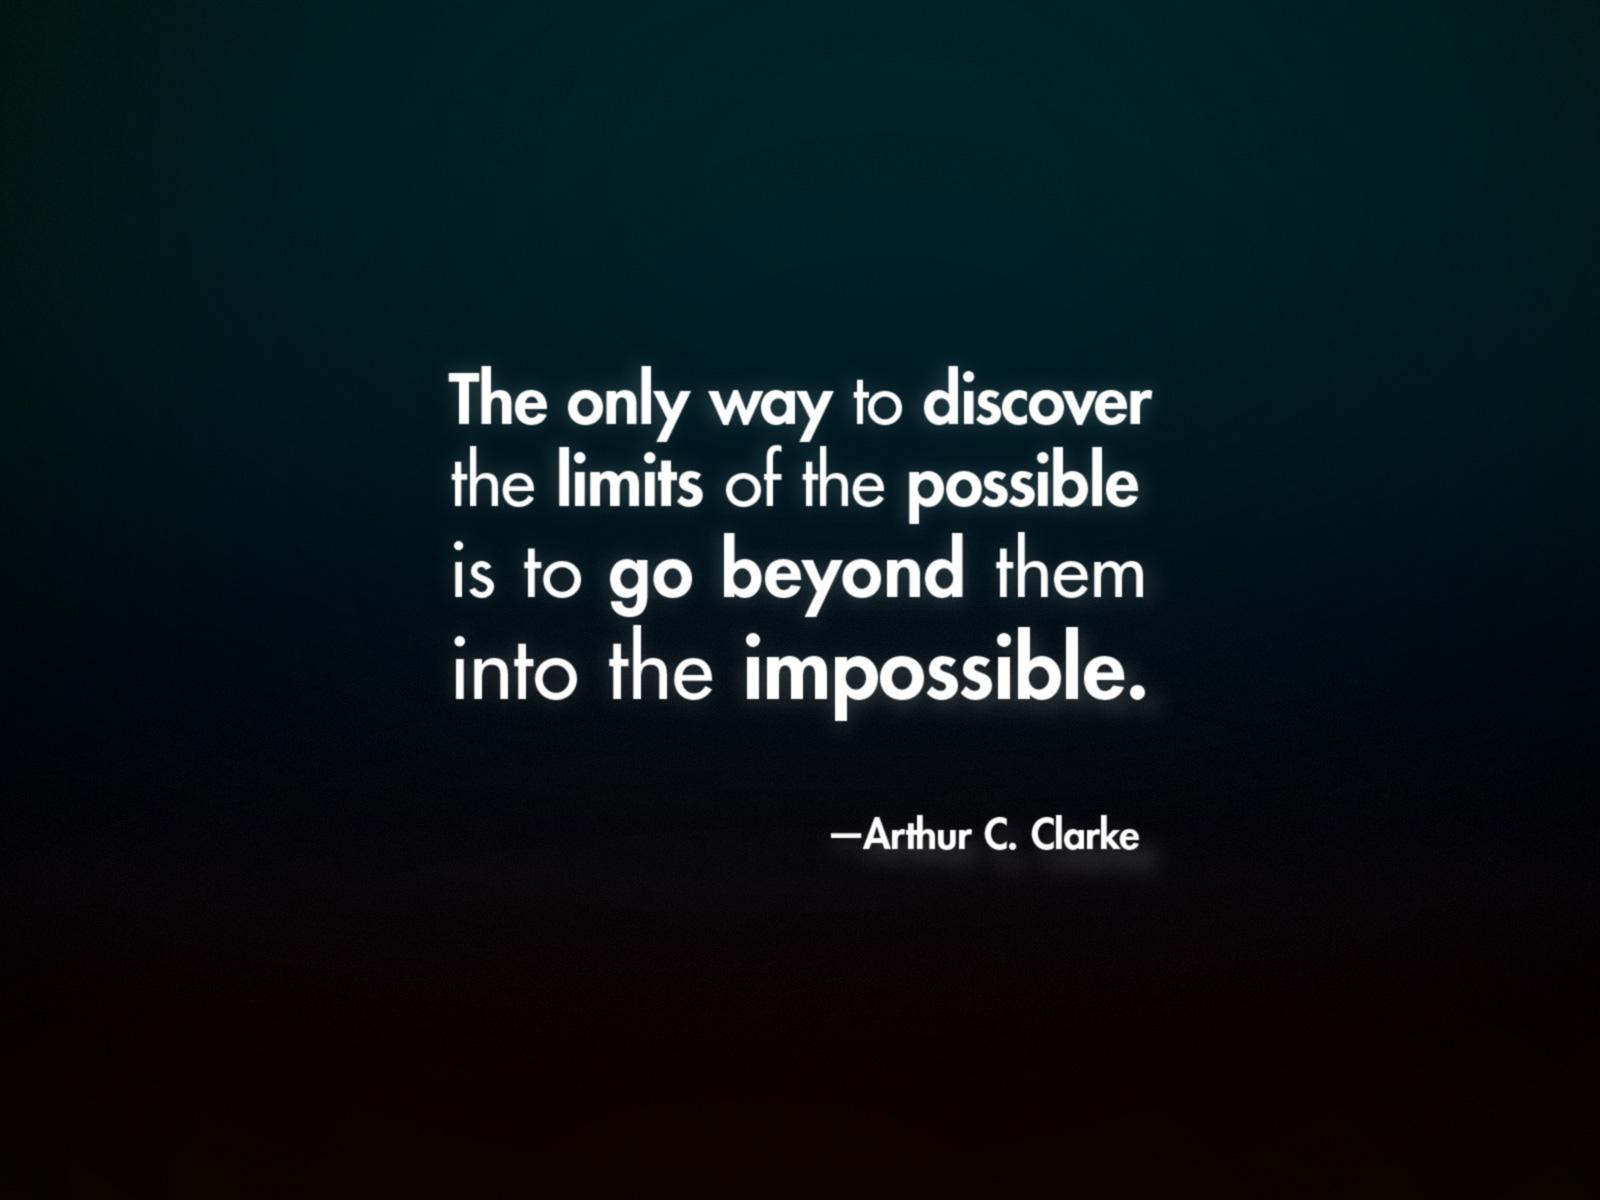 Arthur C. Clarke's quote #5